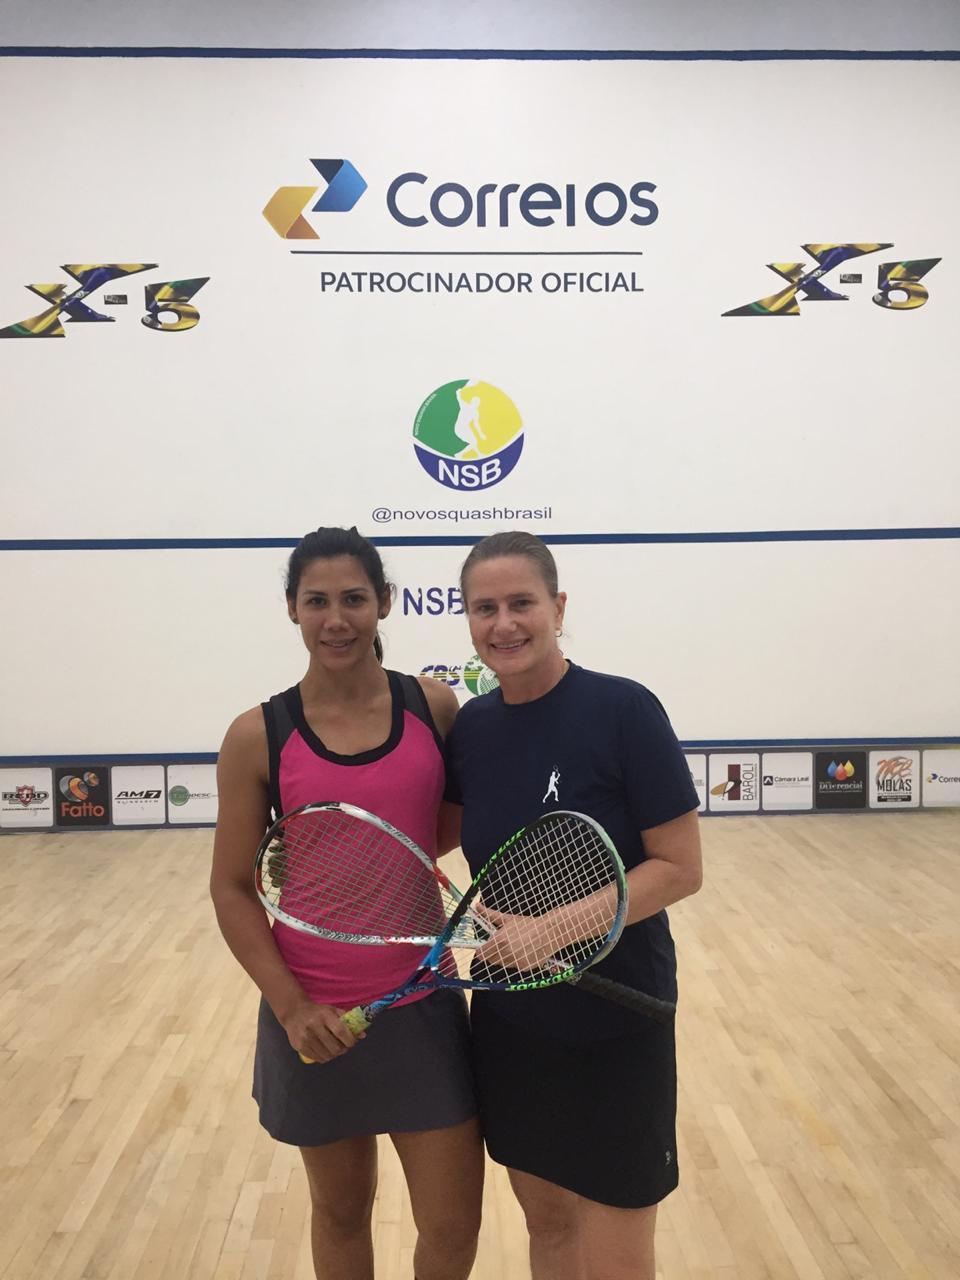 Circuito Correios de Squash – NSB: paulistanos Diego Gobbi e Karen Redfern são campeões em São Paulo